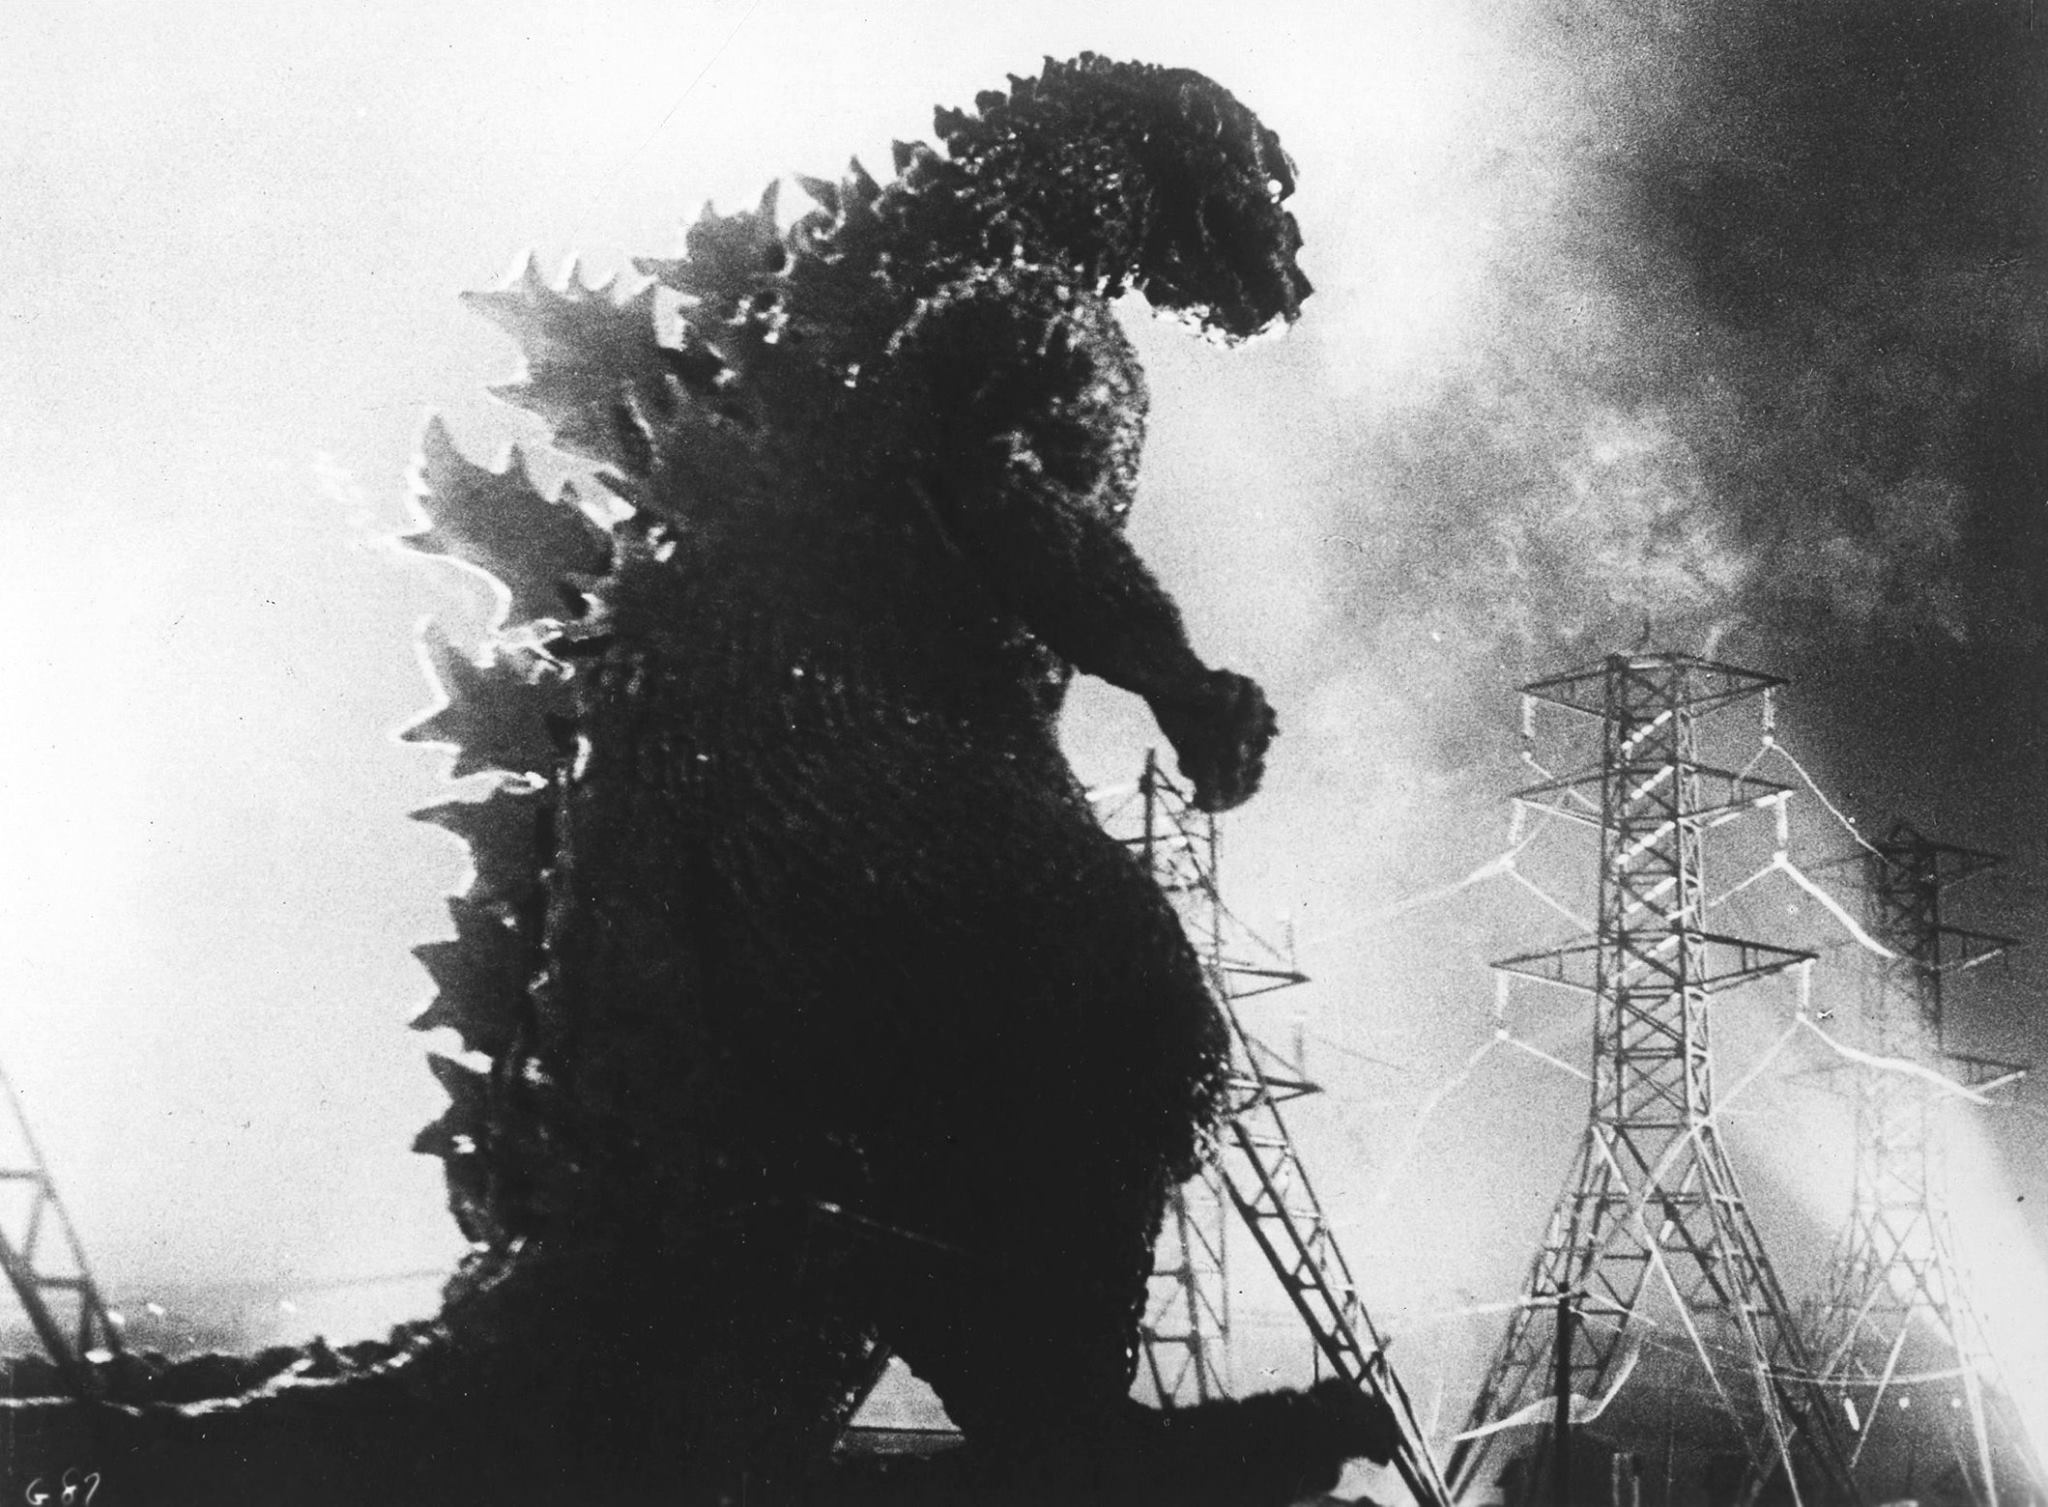 Image: Godzilla (1954)